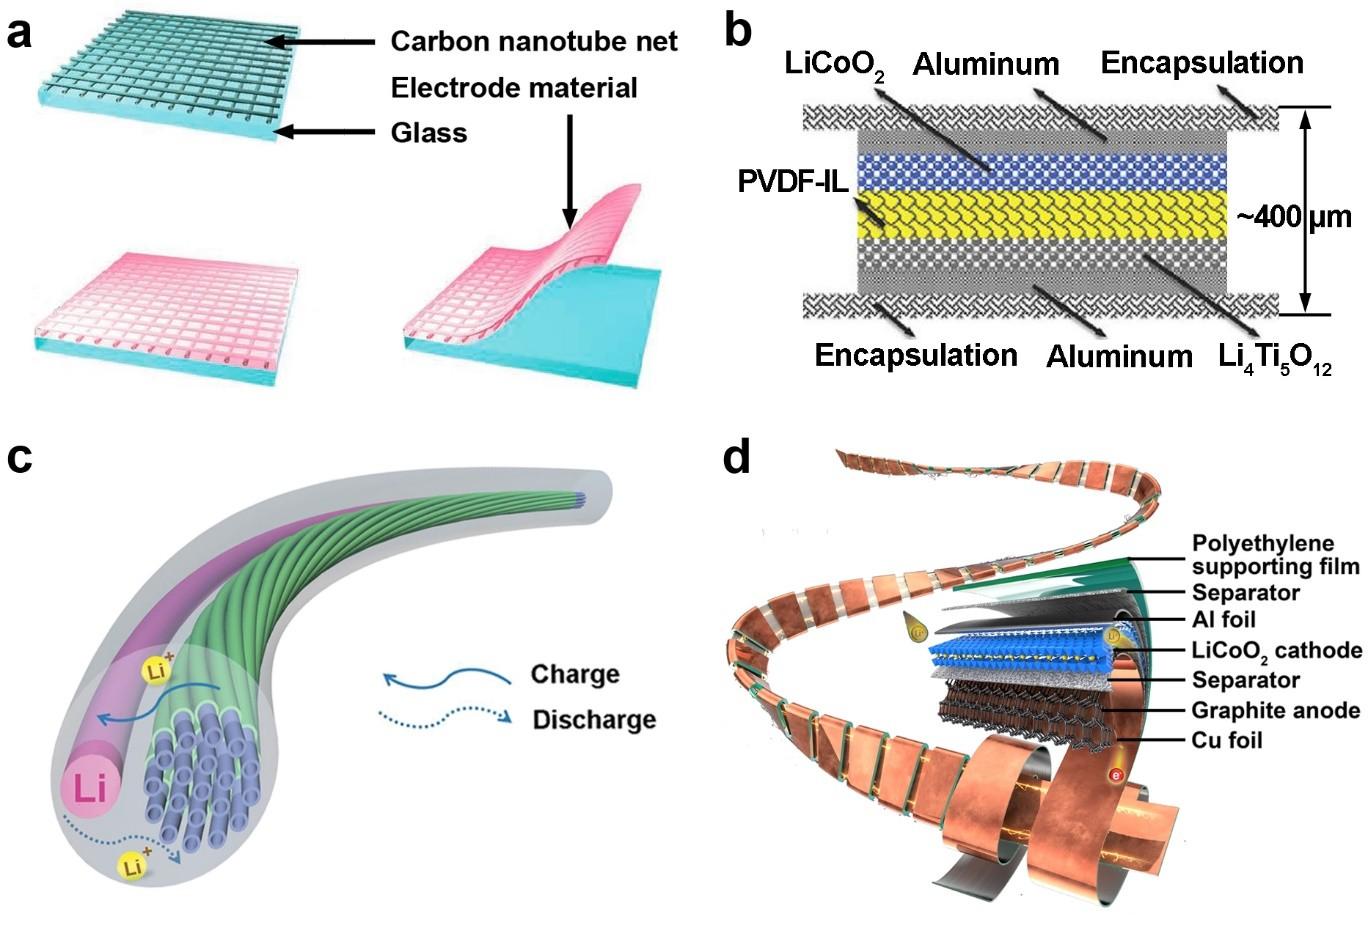 新材料学院柔性锂电池综述成果引起广泛社会反响